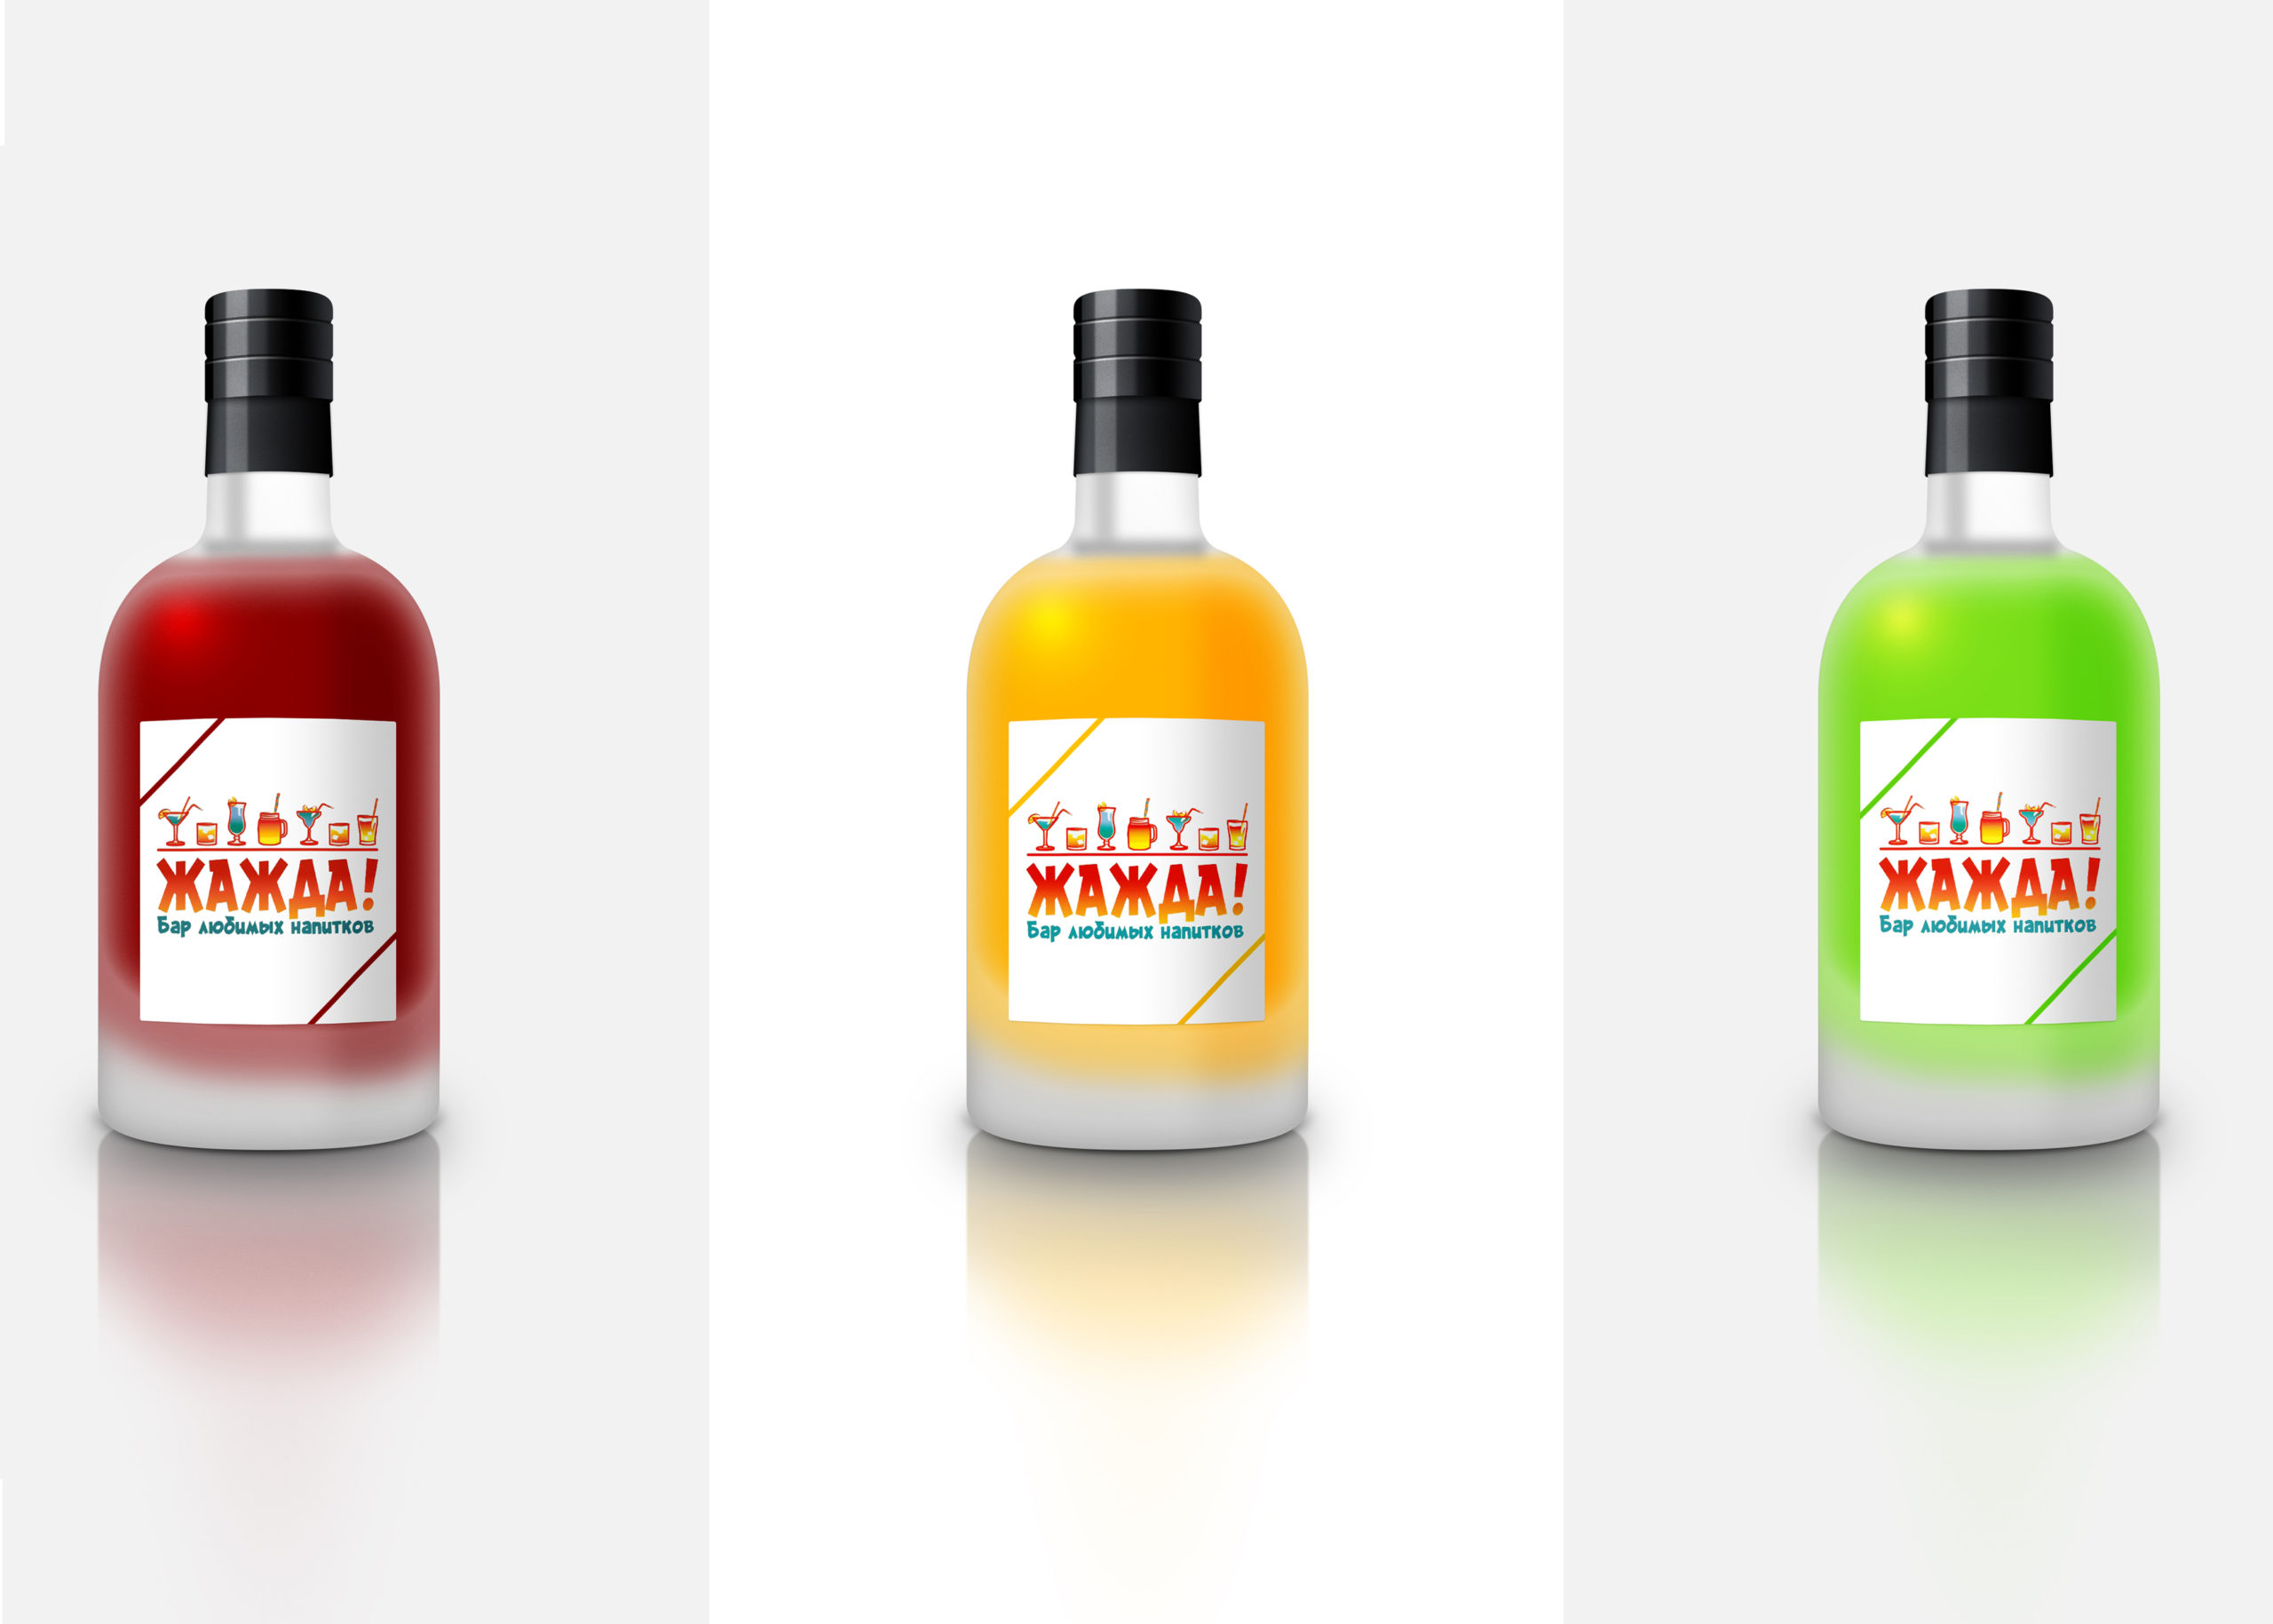 логотип на этикетке напитков Жажда